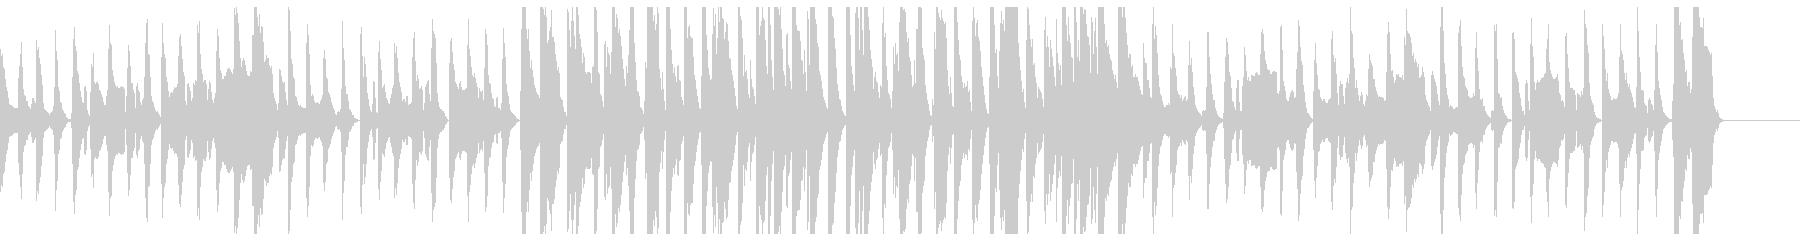 いたずらを企てるBGMの未再生の波形